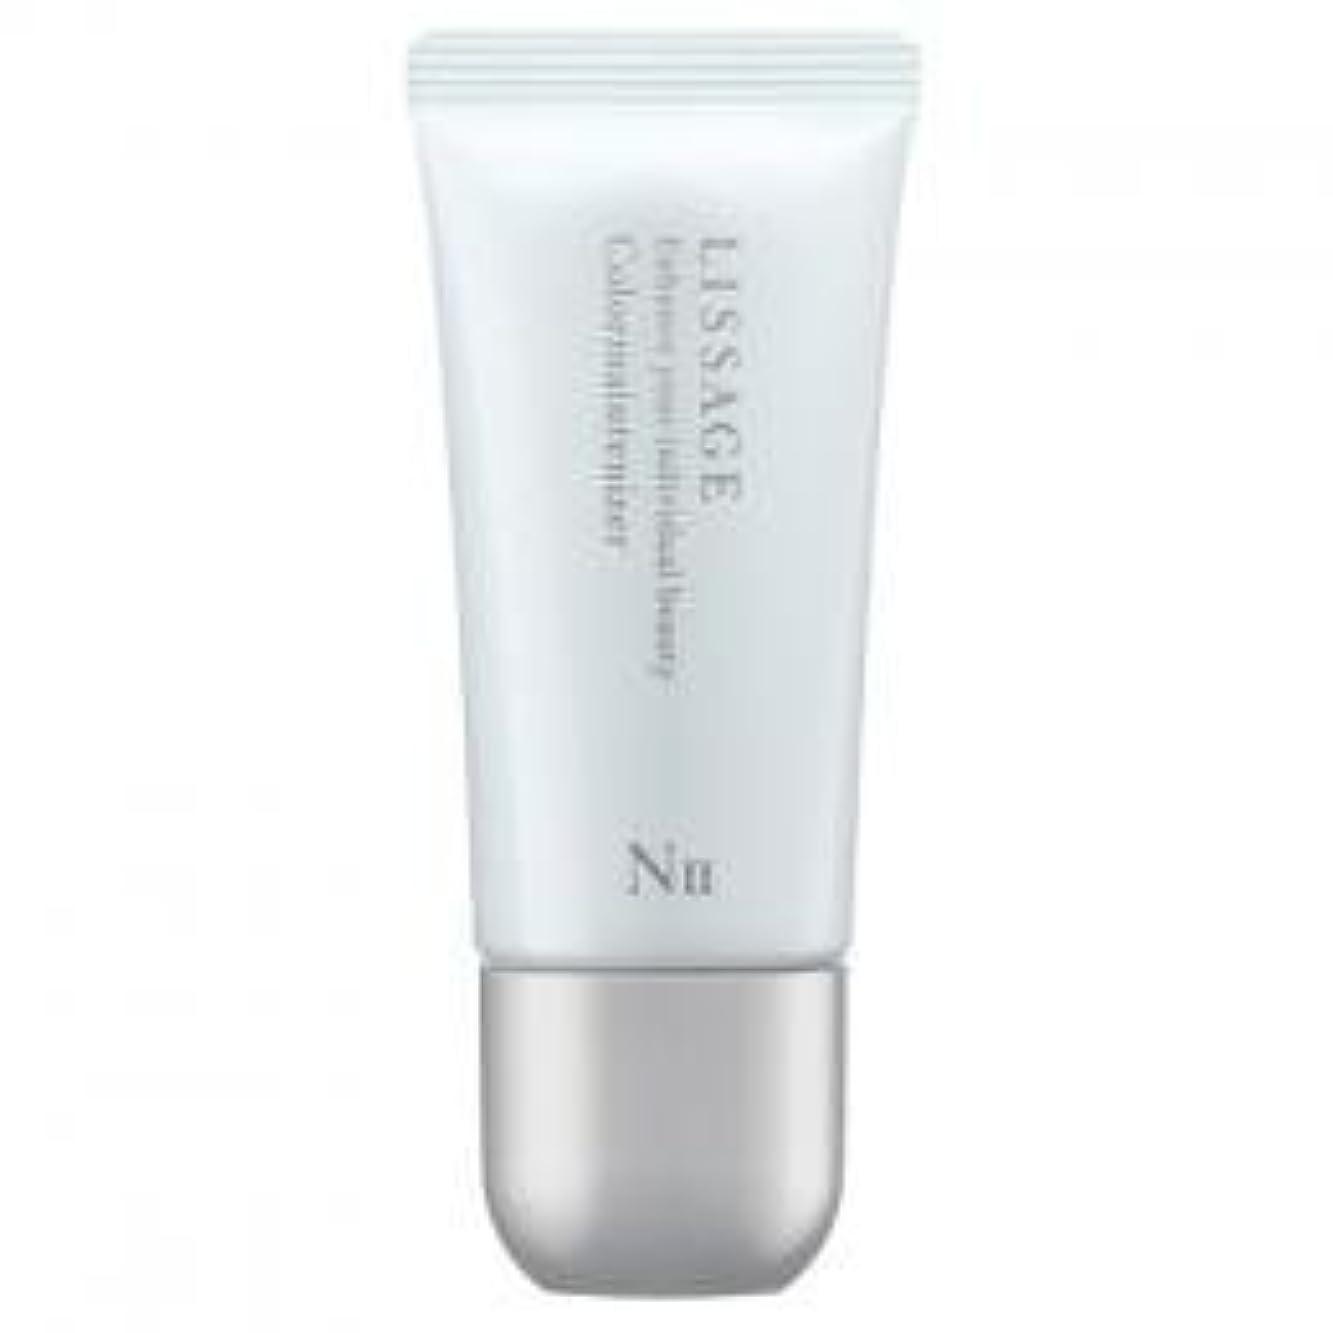 アテンダントアソシエイト化粧リサージ カラーメインテナイザーNII ミディアム(SPF20/PA++)(30g)